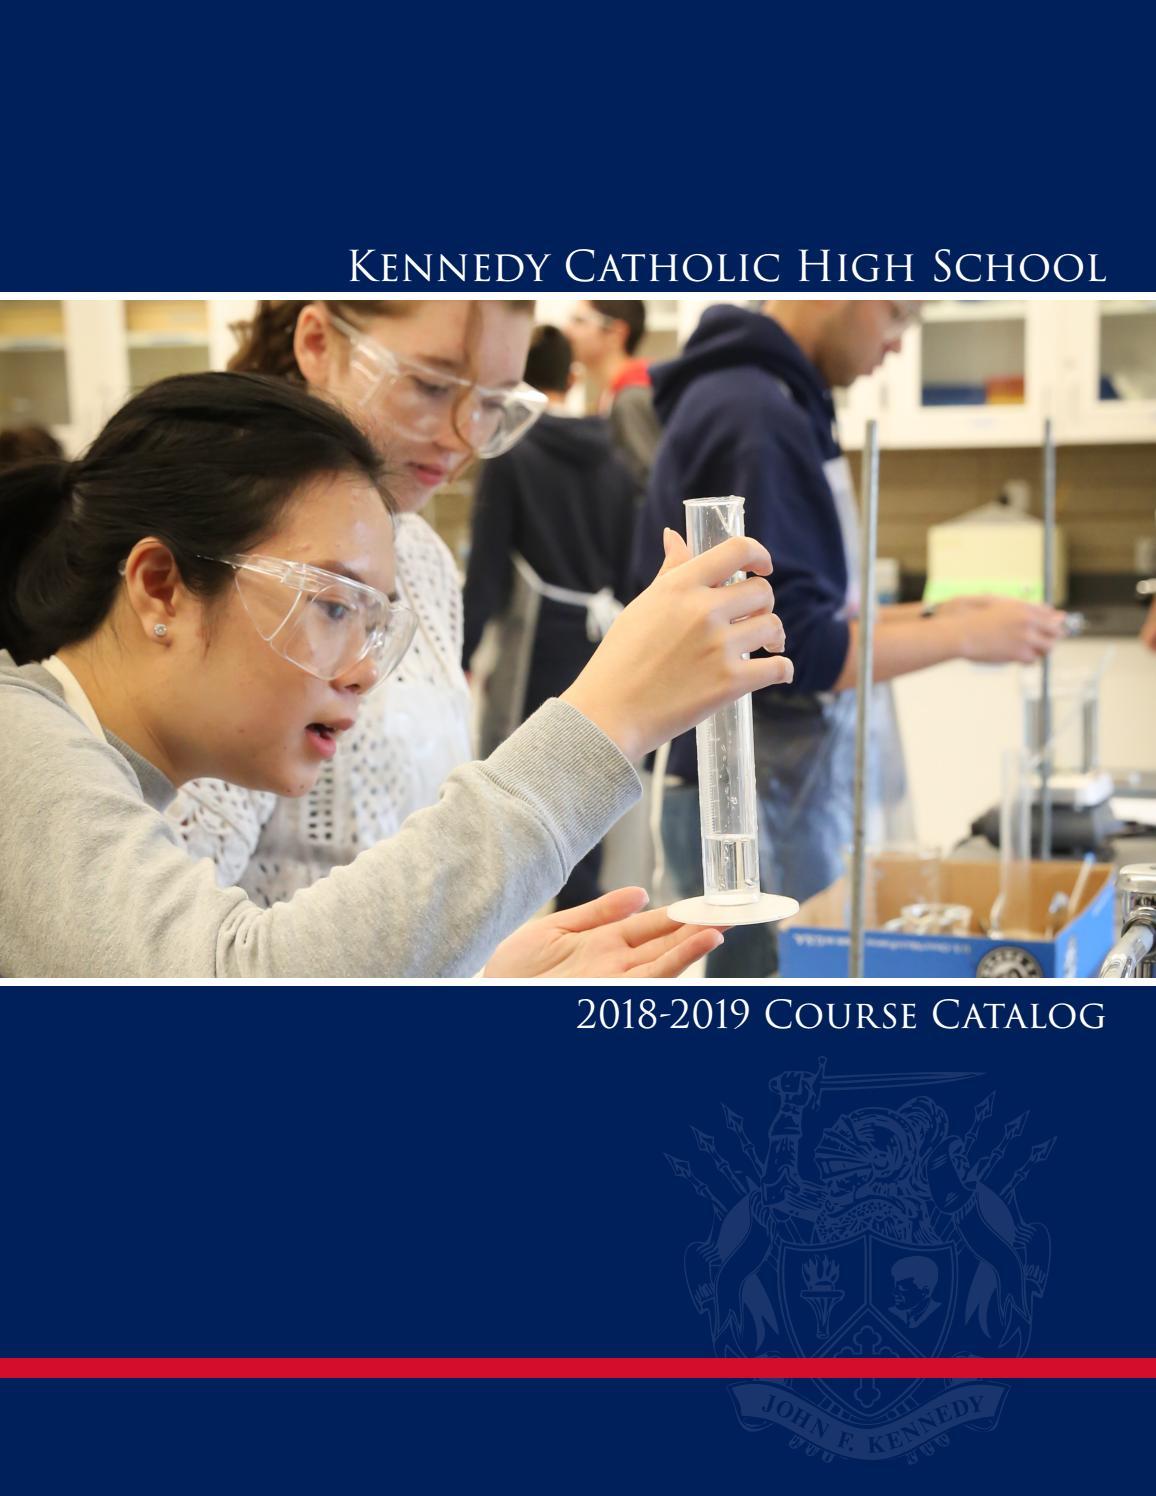 2018 Course Catalog by Kennedy Catholic High School - issuu